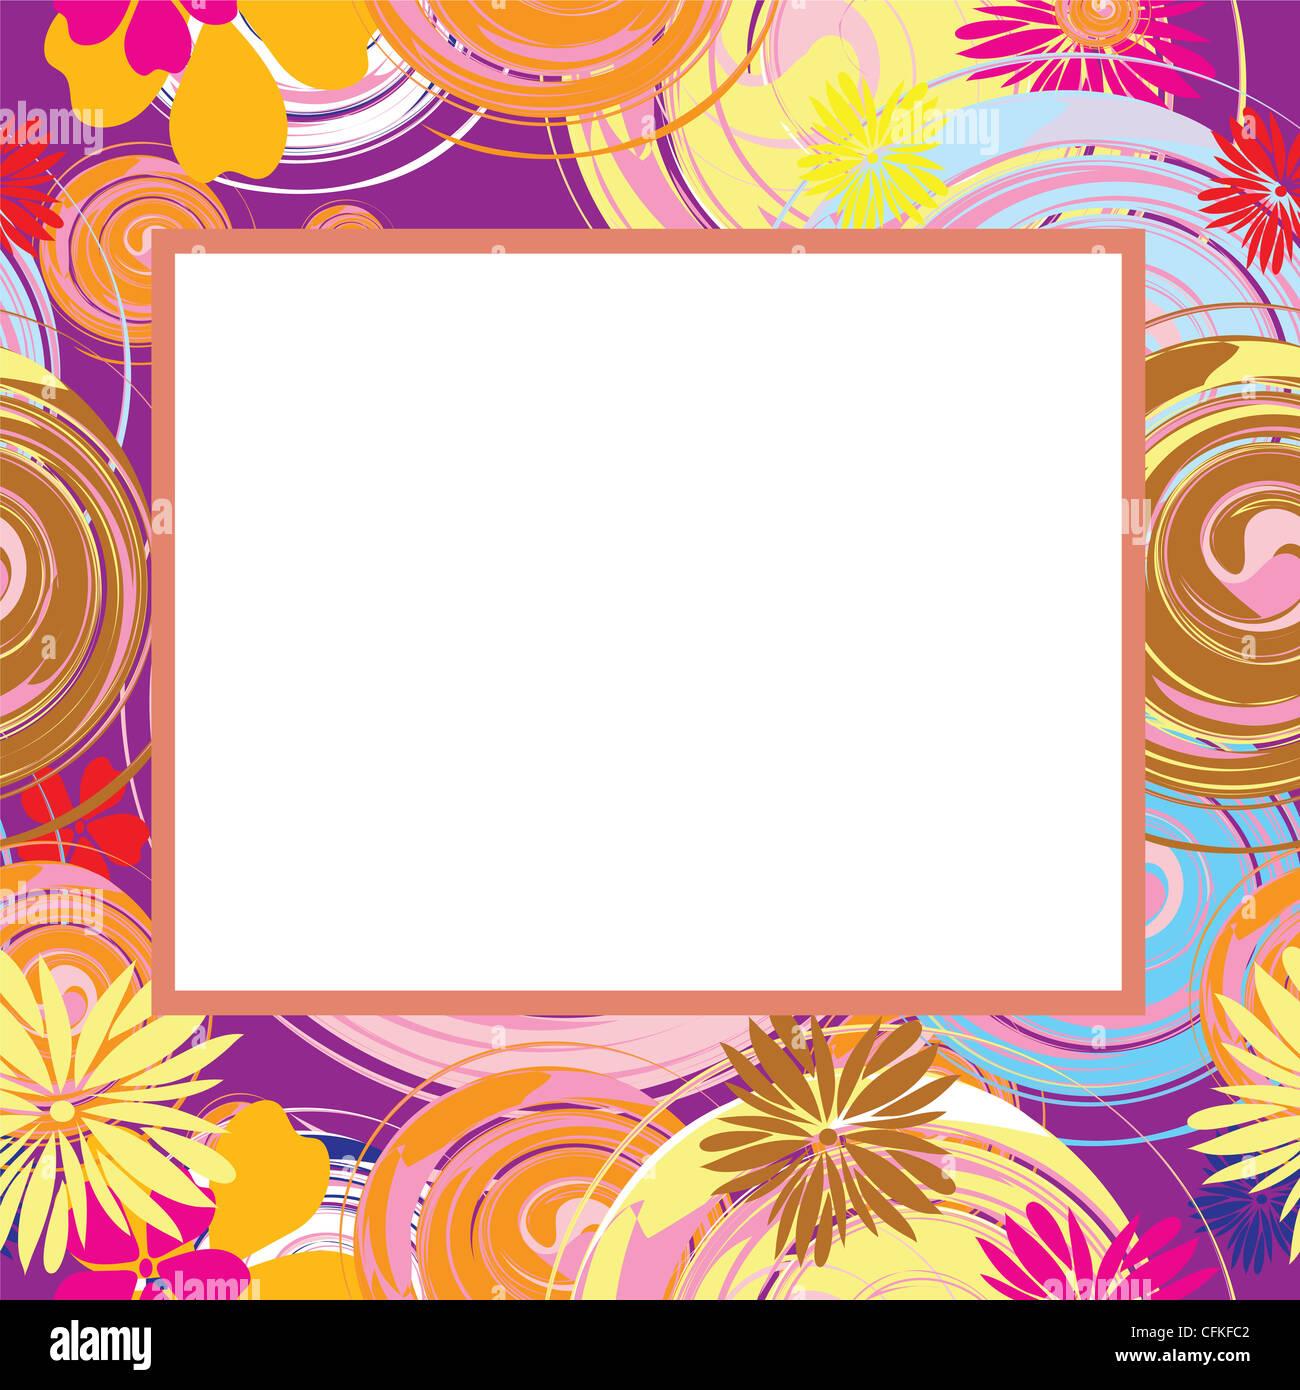 Résumé cadre avec des fleurs et des éléments ovales, vecteur, illustration Photo Stock